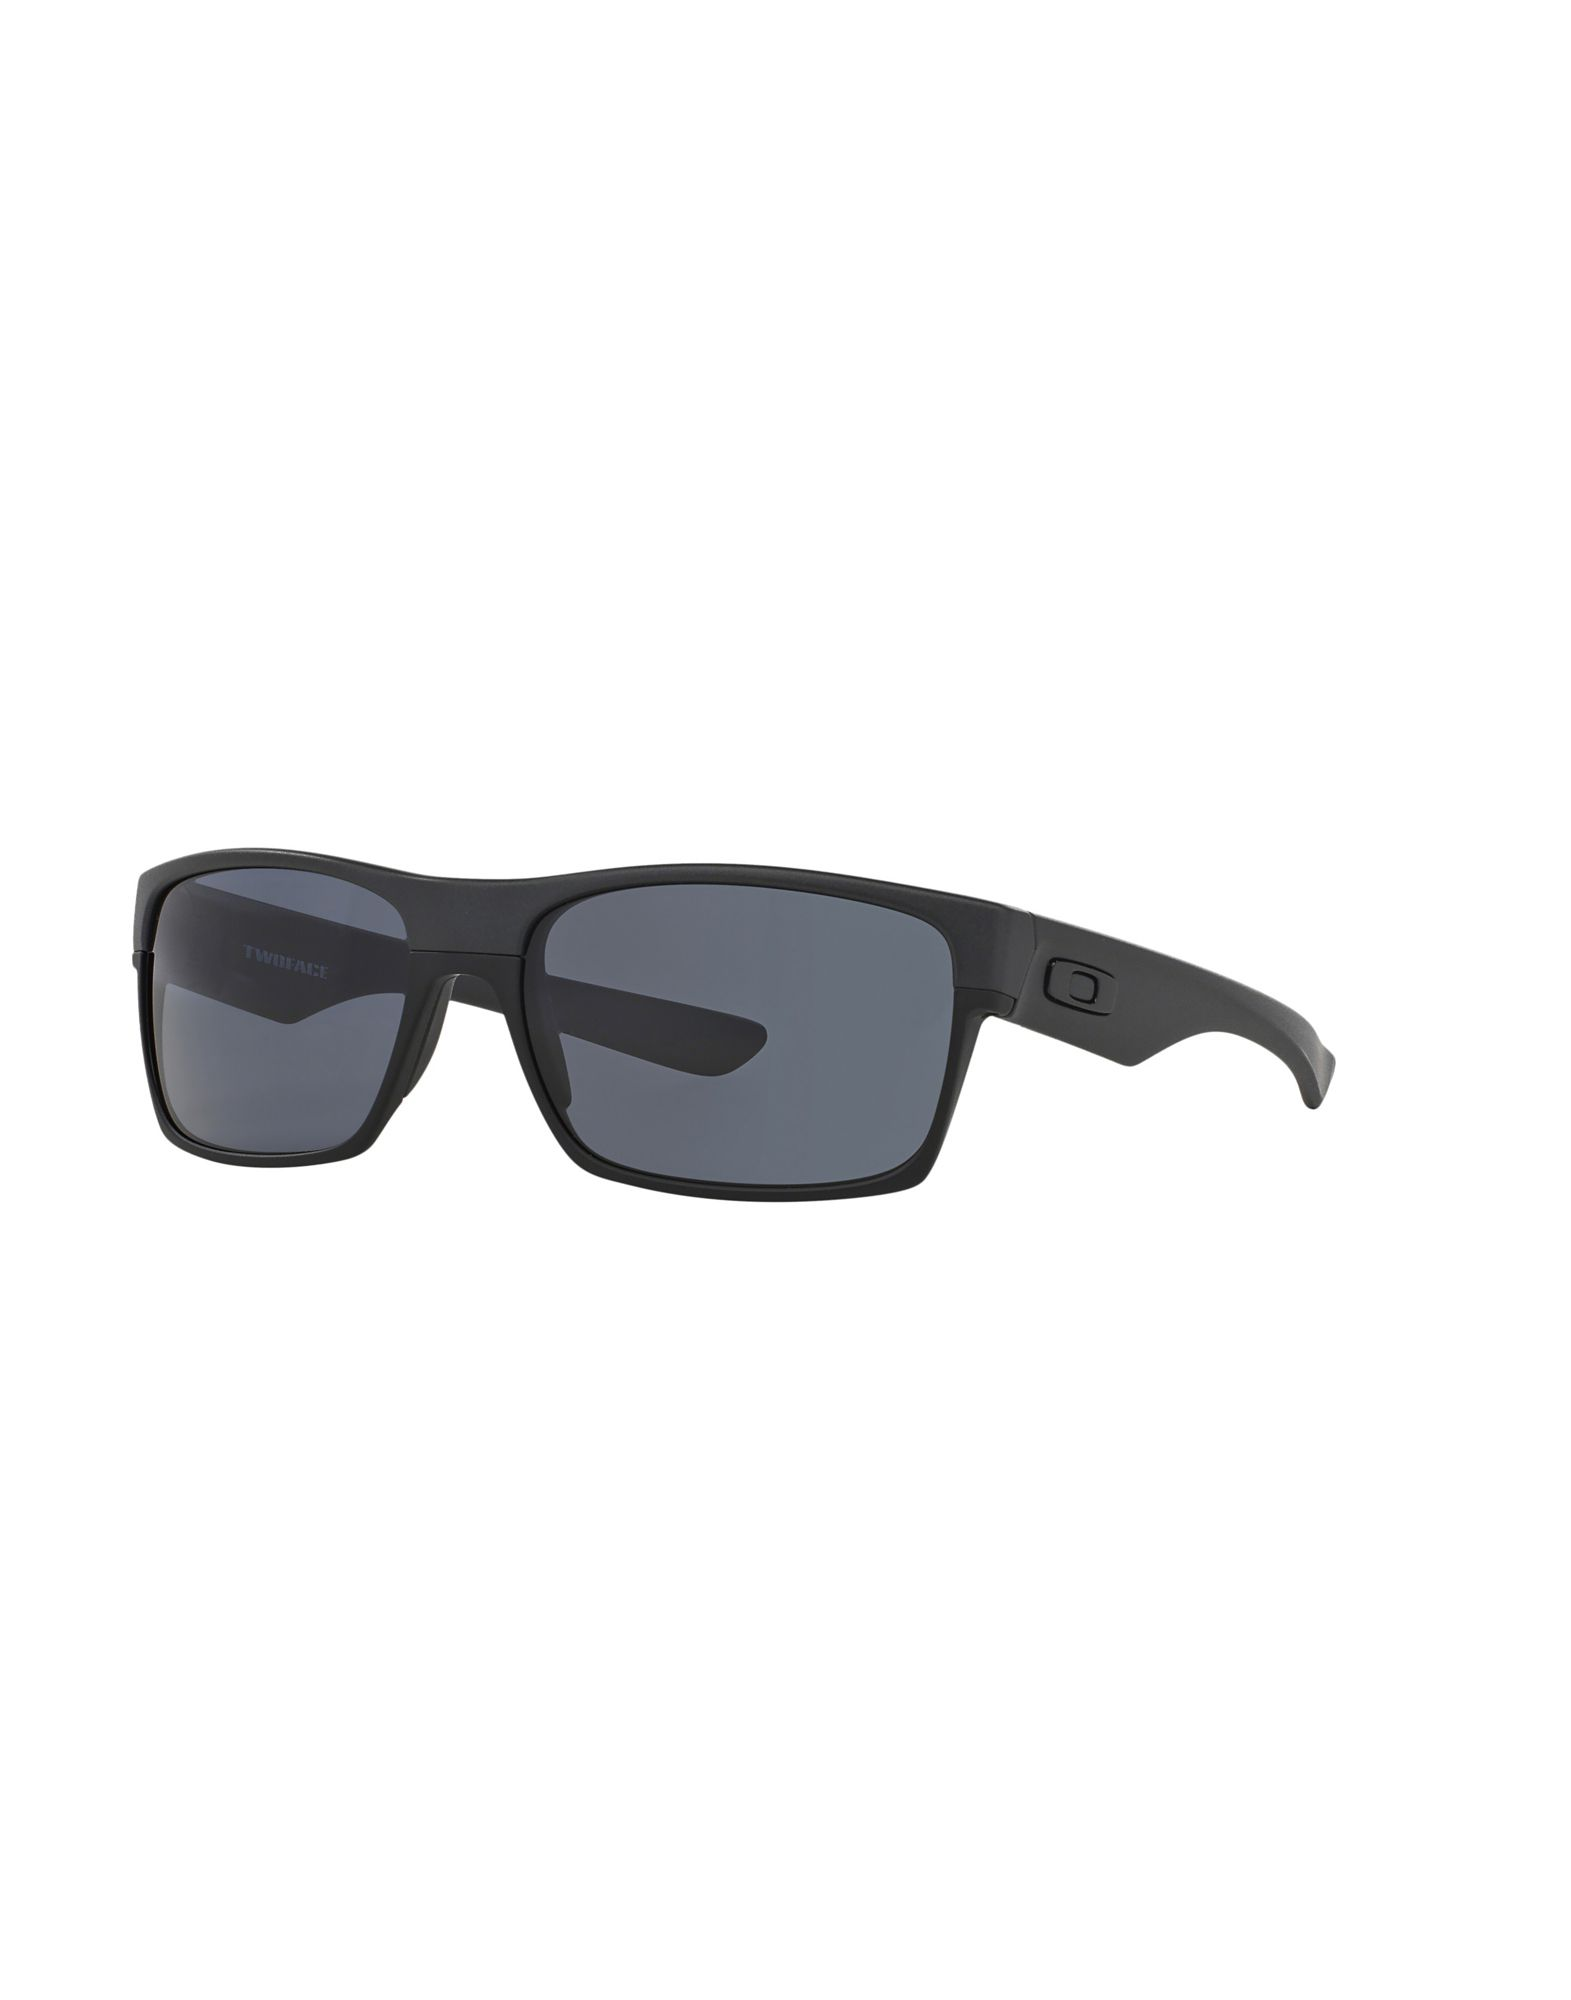 OAKLEY Herren Sonnenbrille Farbe Granitgrau Größe 1